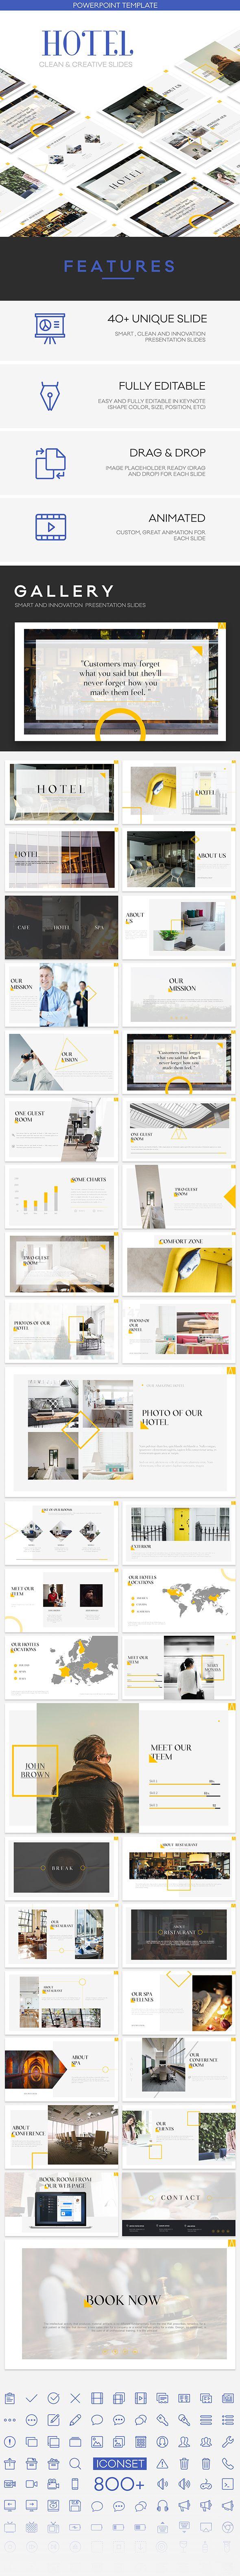 Hotel - Premium Powerpoint Presentation Template